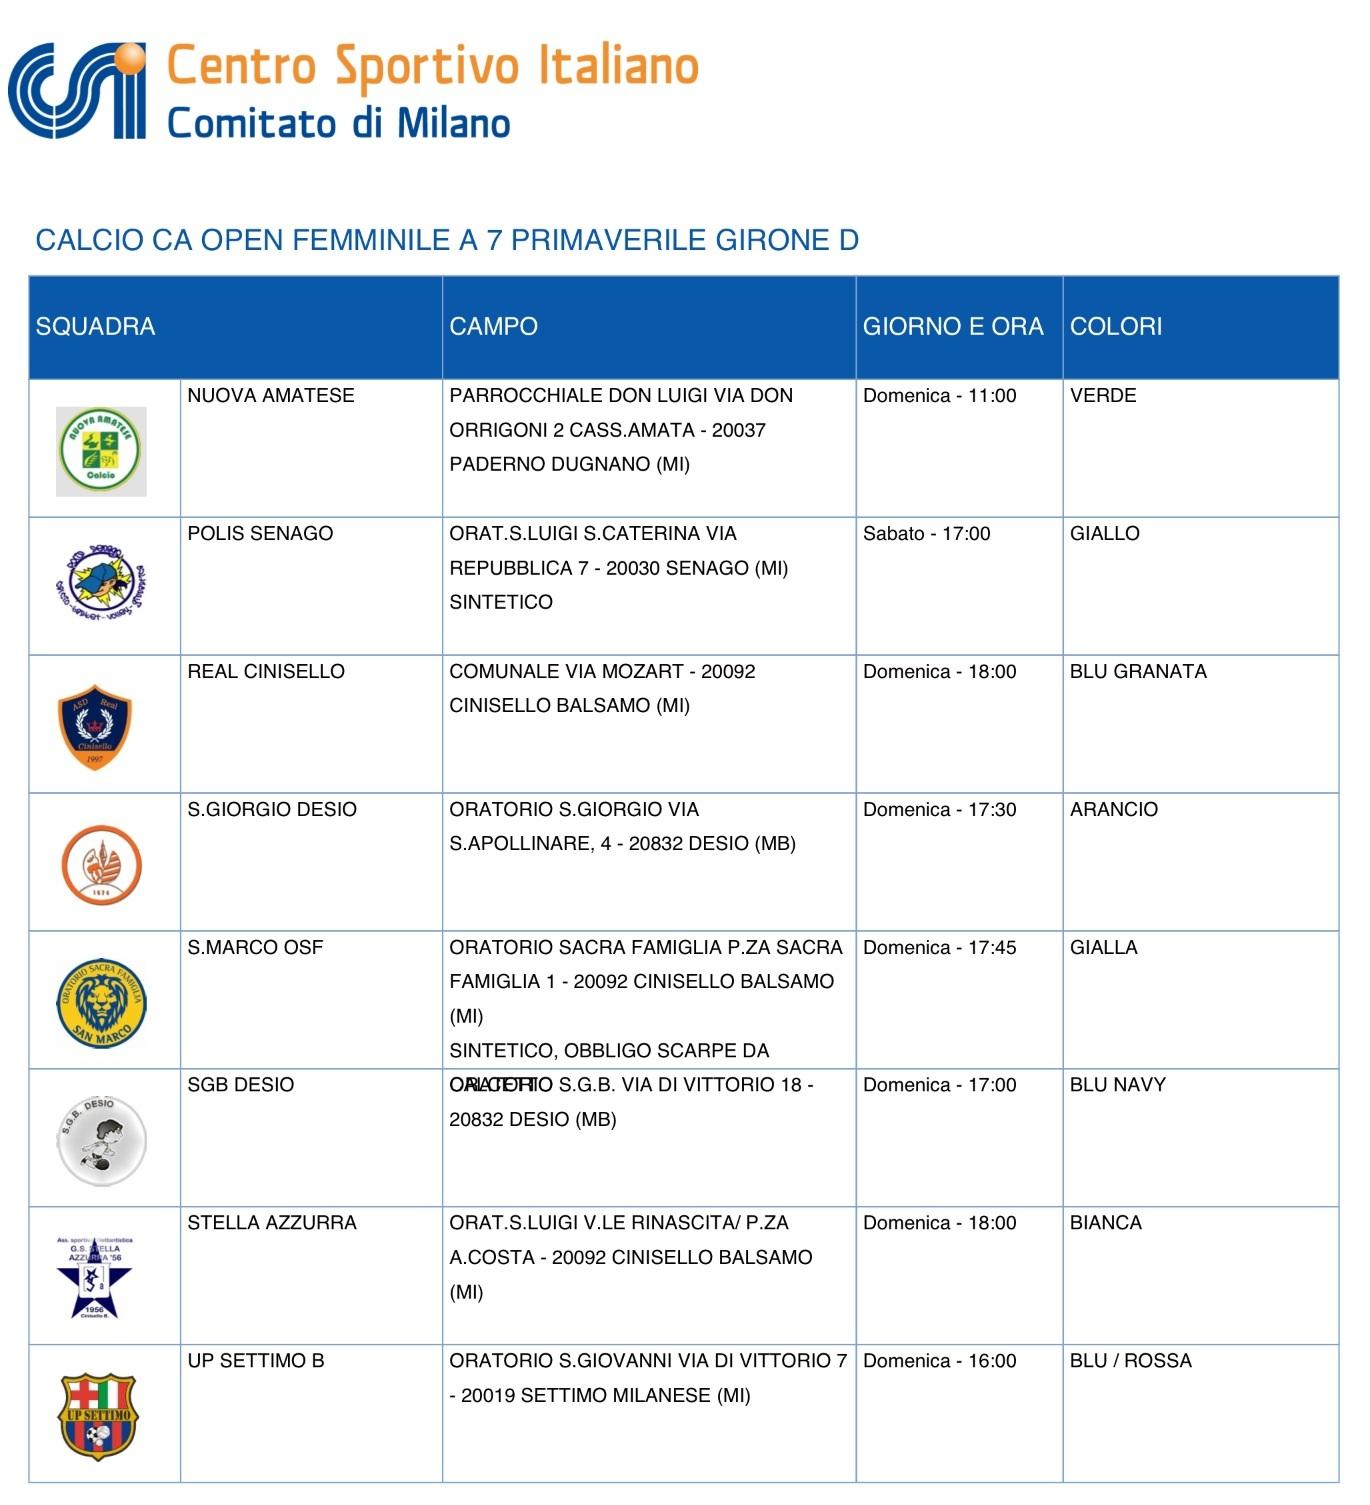 Calendario Torneo A 7 Squadre.Calendari Campionati Stagione 2013 2014 A S D Real Cinisello